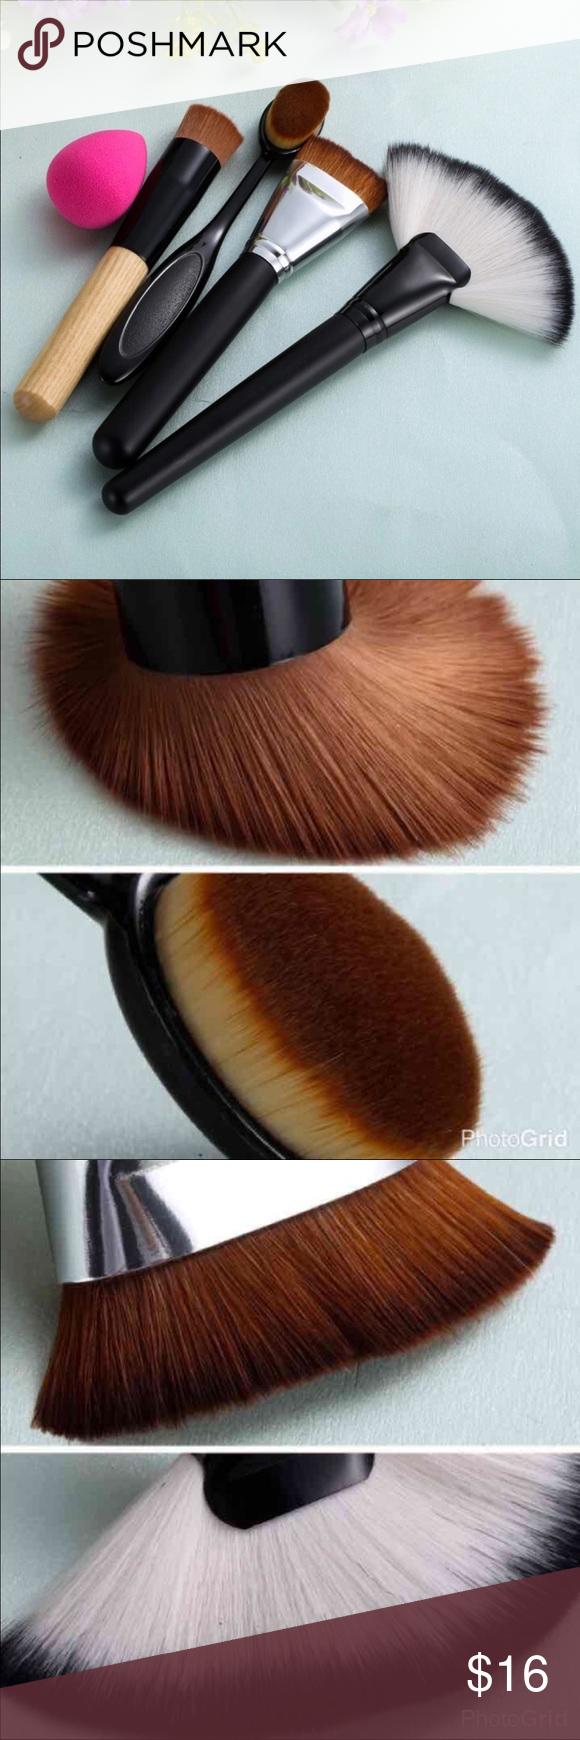 5pcs Best Makeup brushes set 5pcs Best Makeup brushes set  Highlighter fan  brush , Powder Foundation Contouring Brush With color beige blender Sponge Puff Makeup Brushes & Tools